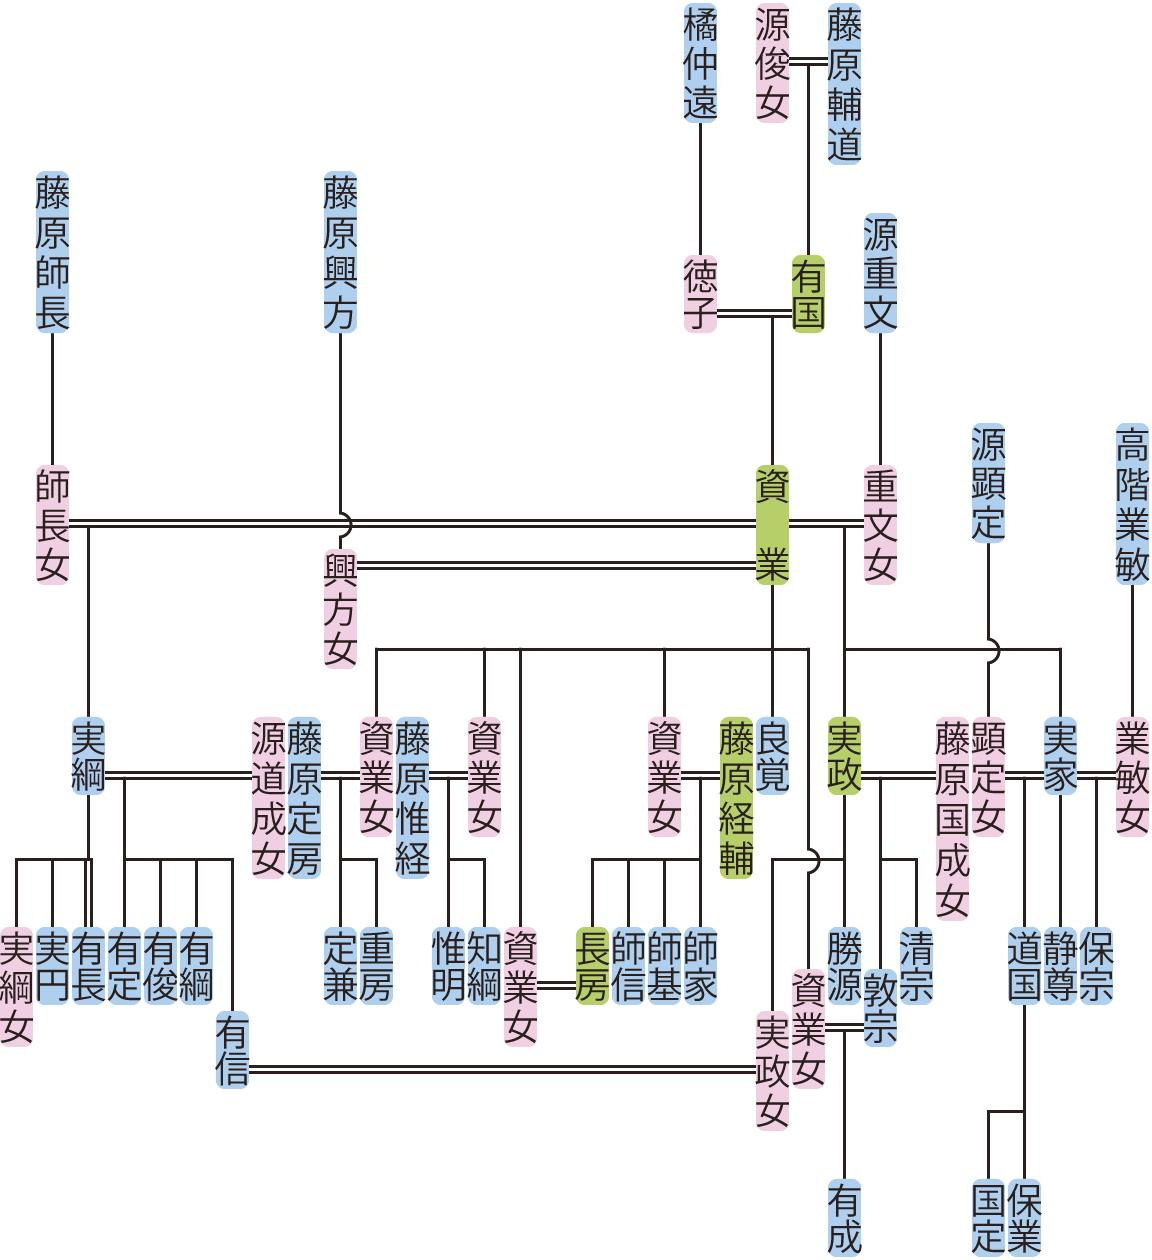 藤原資業の系図